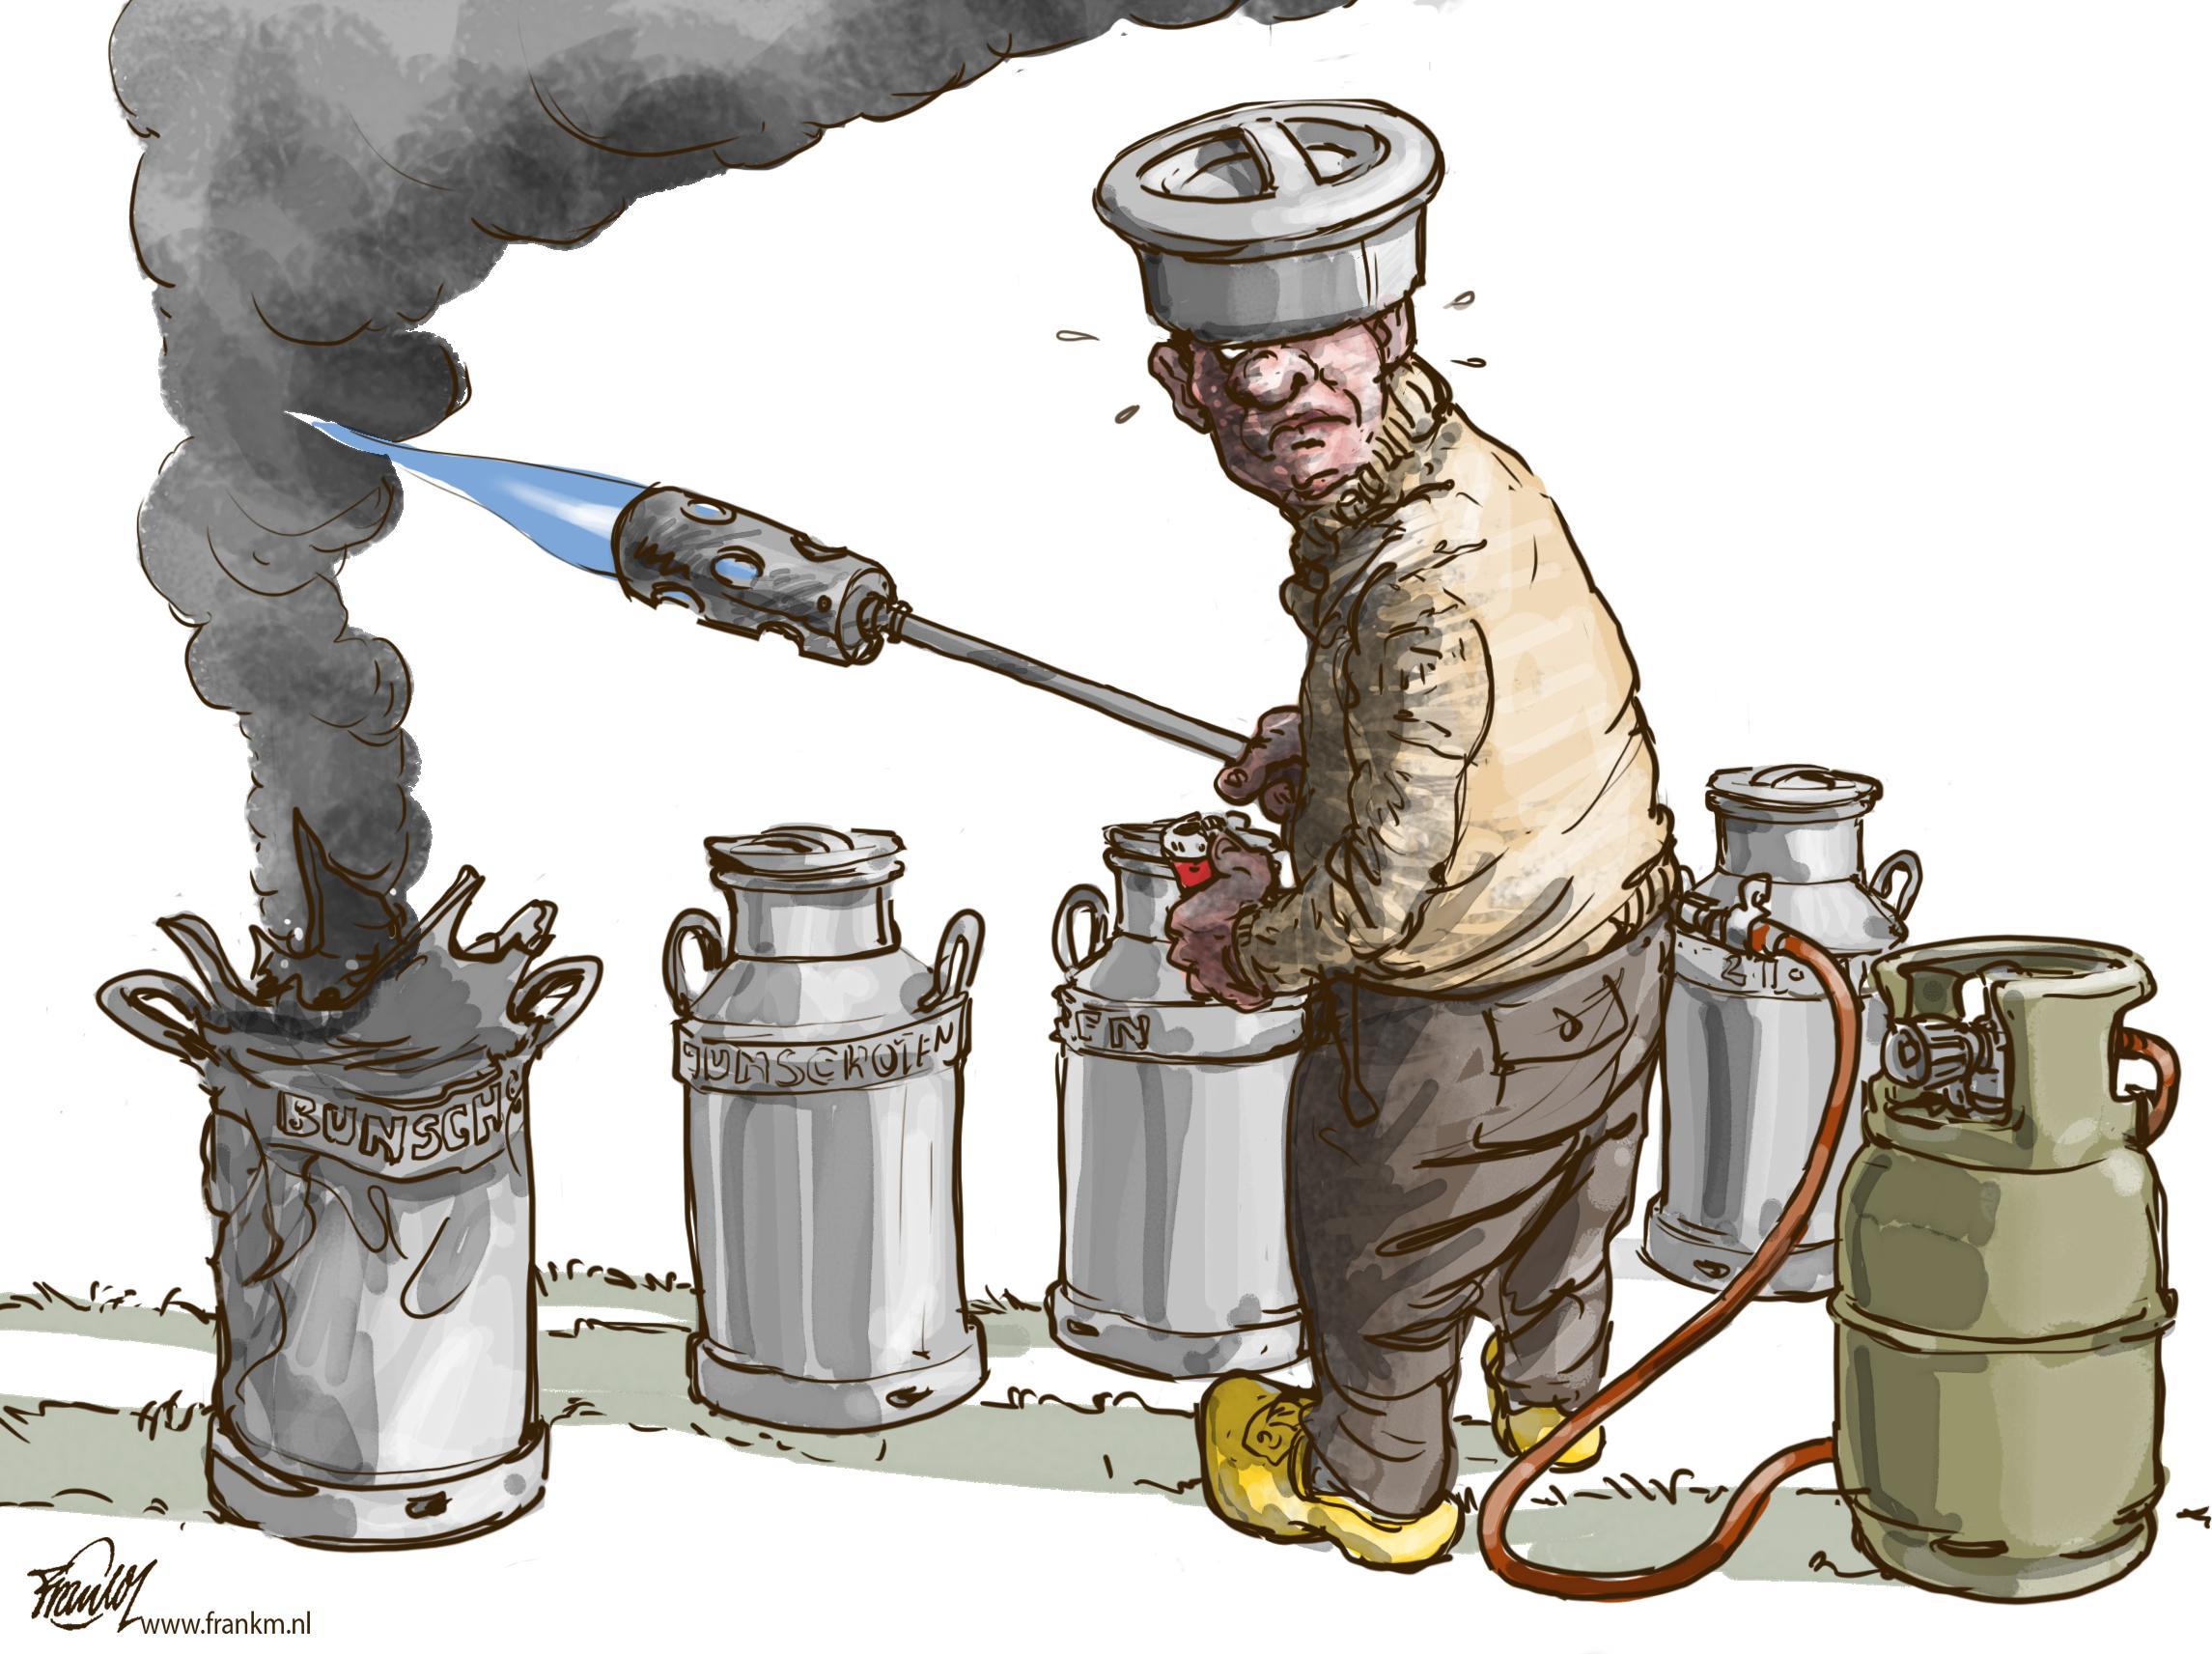 Lekker nostalgisch knallen nu vuurwerk niet meer mag | cartoon Frank Muntjewerf